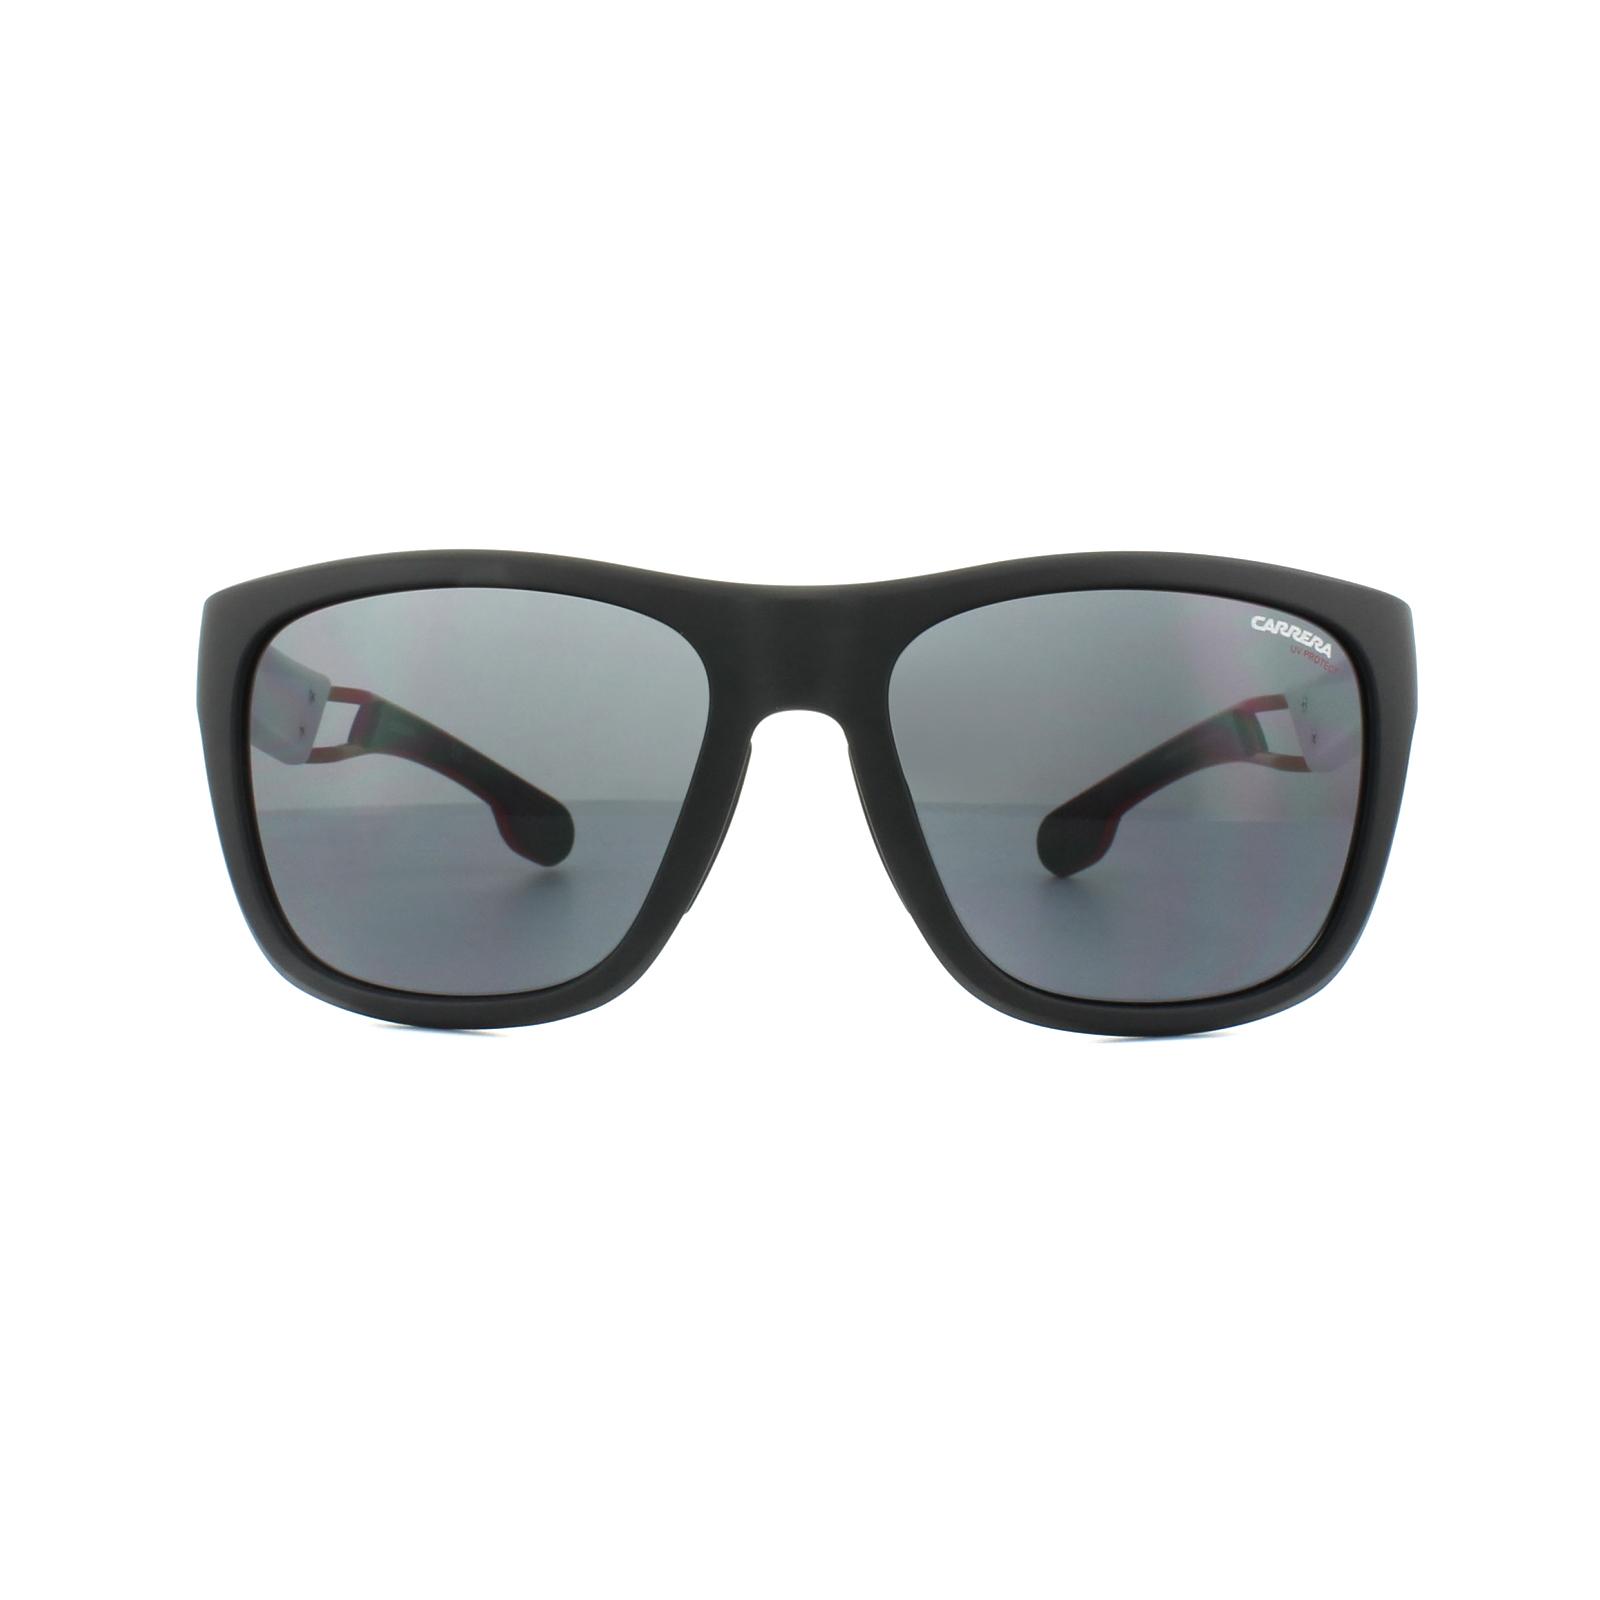 Carrera Sonnenbrille 4007/S 4NL/IR 55 wa7Qzli